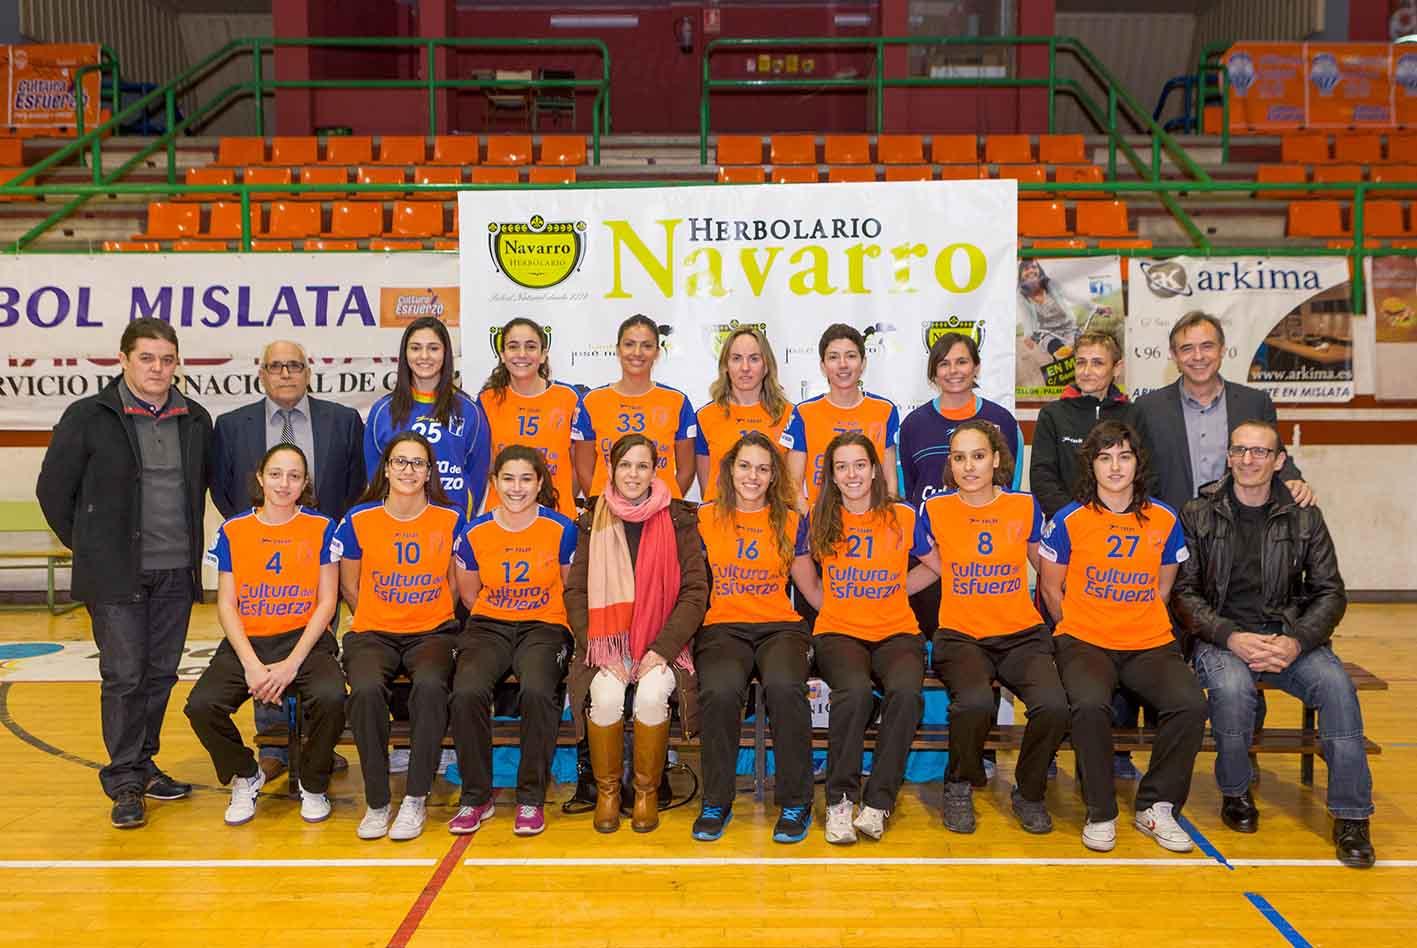 La Canaleta acoge la presentación de los siete equipos de Handbol Mislata